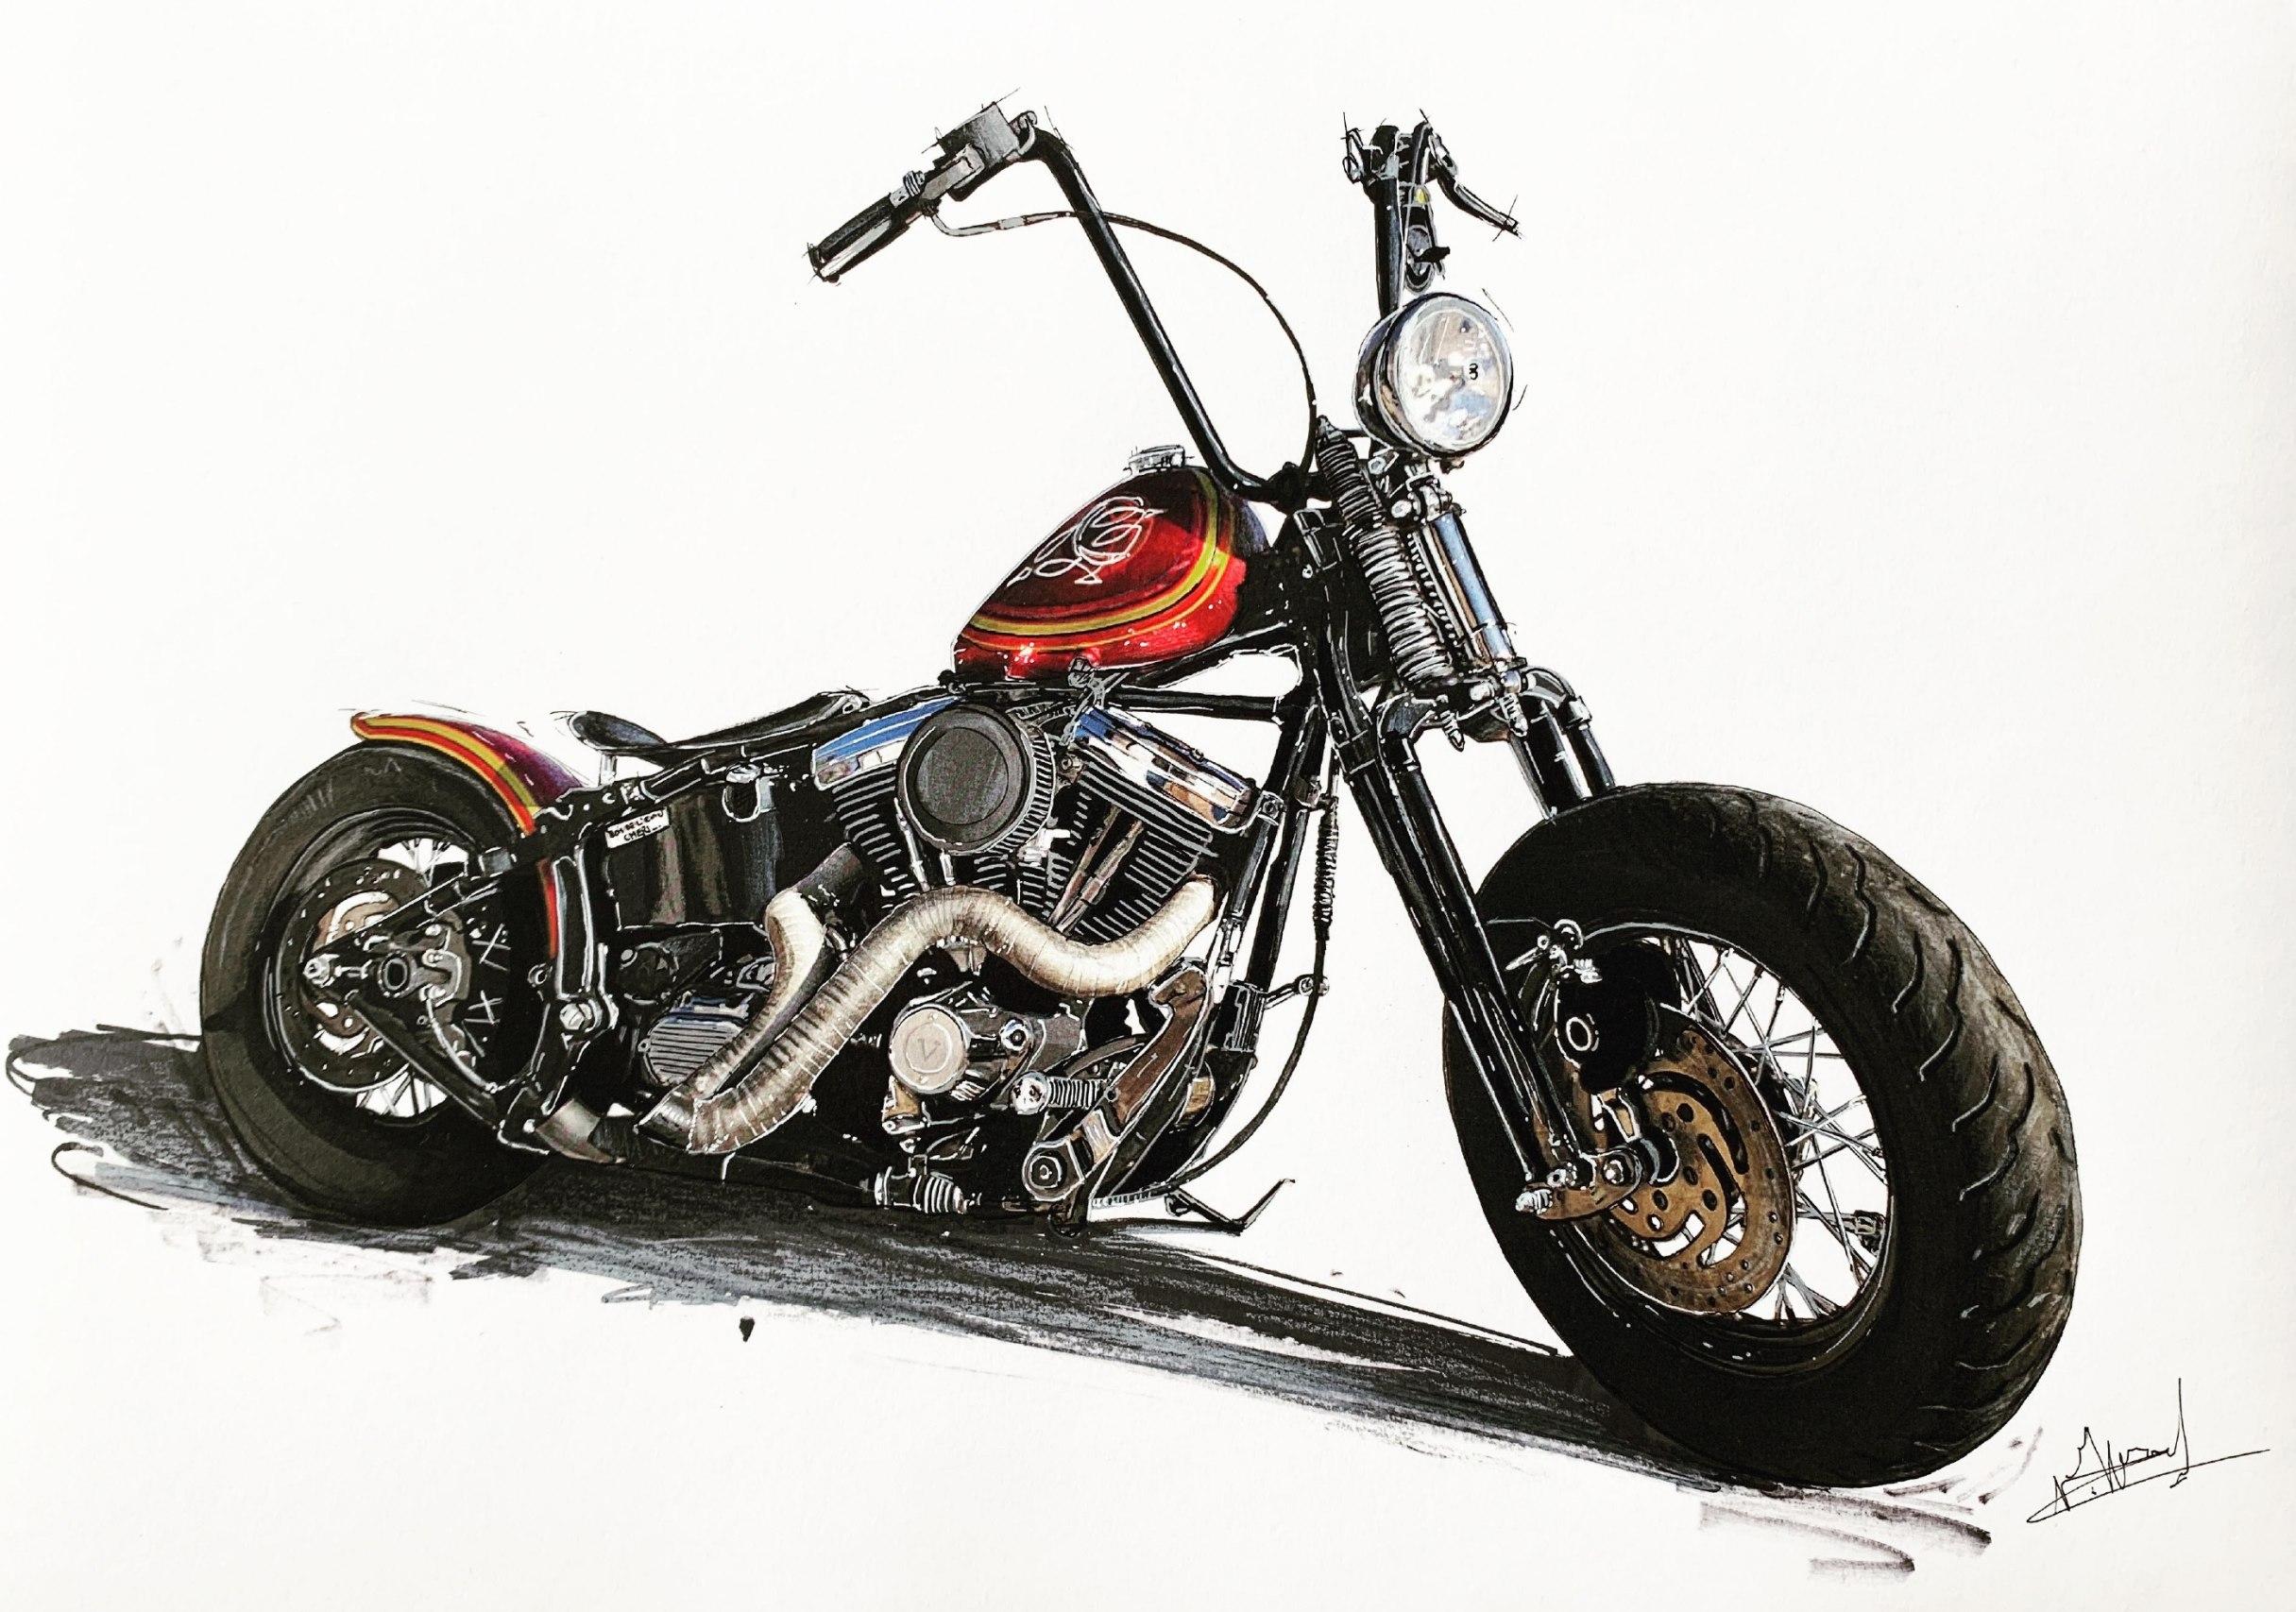 Tatoué Harley Page 2 sur 17 J'ai roulé sur la planète au